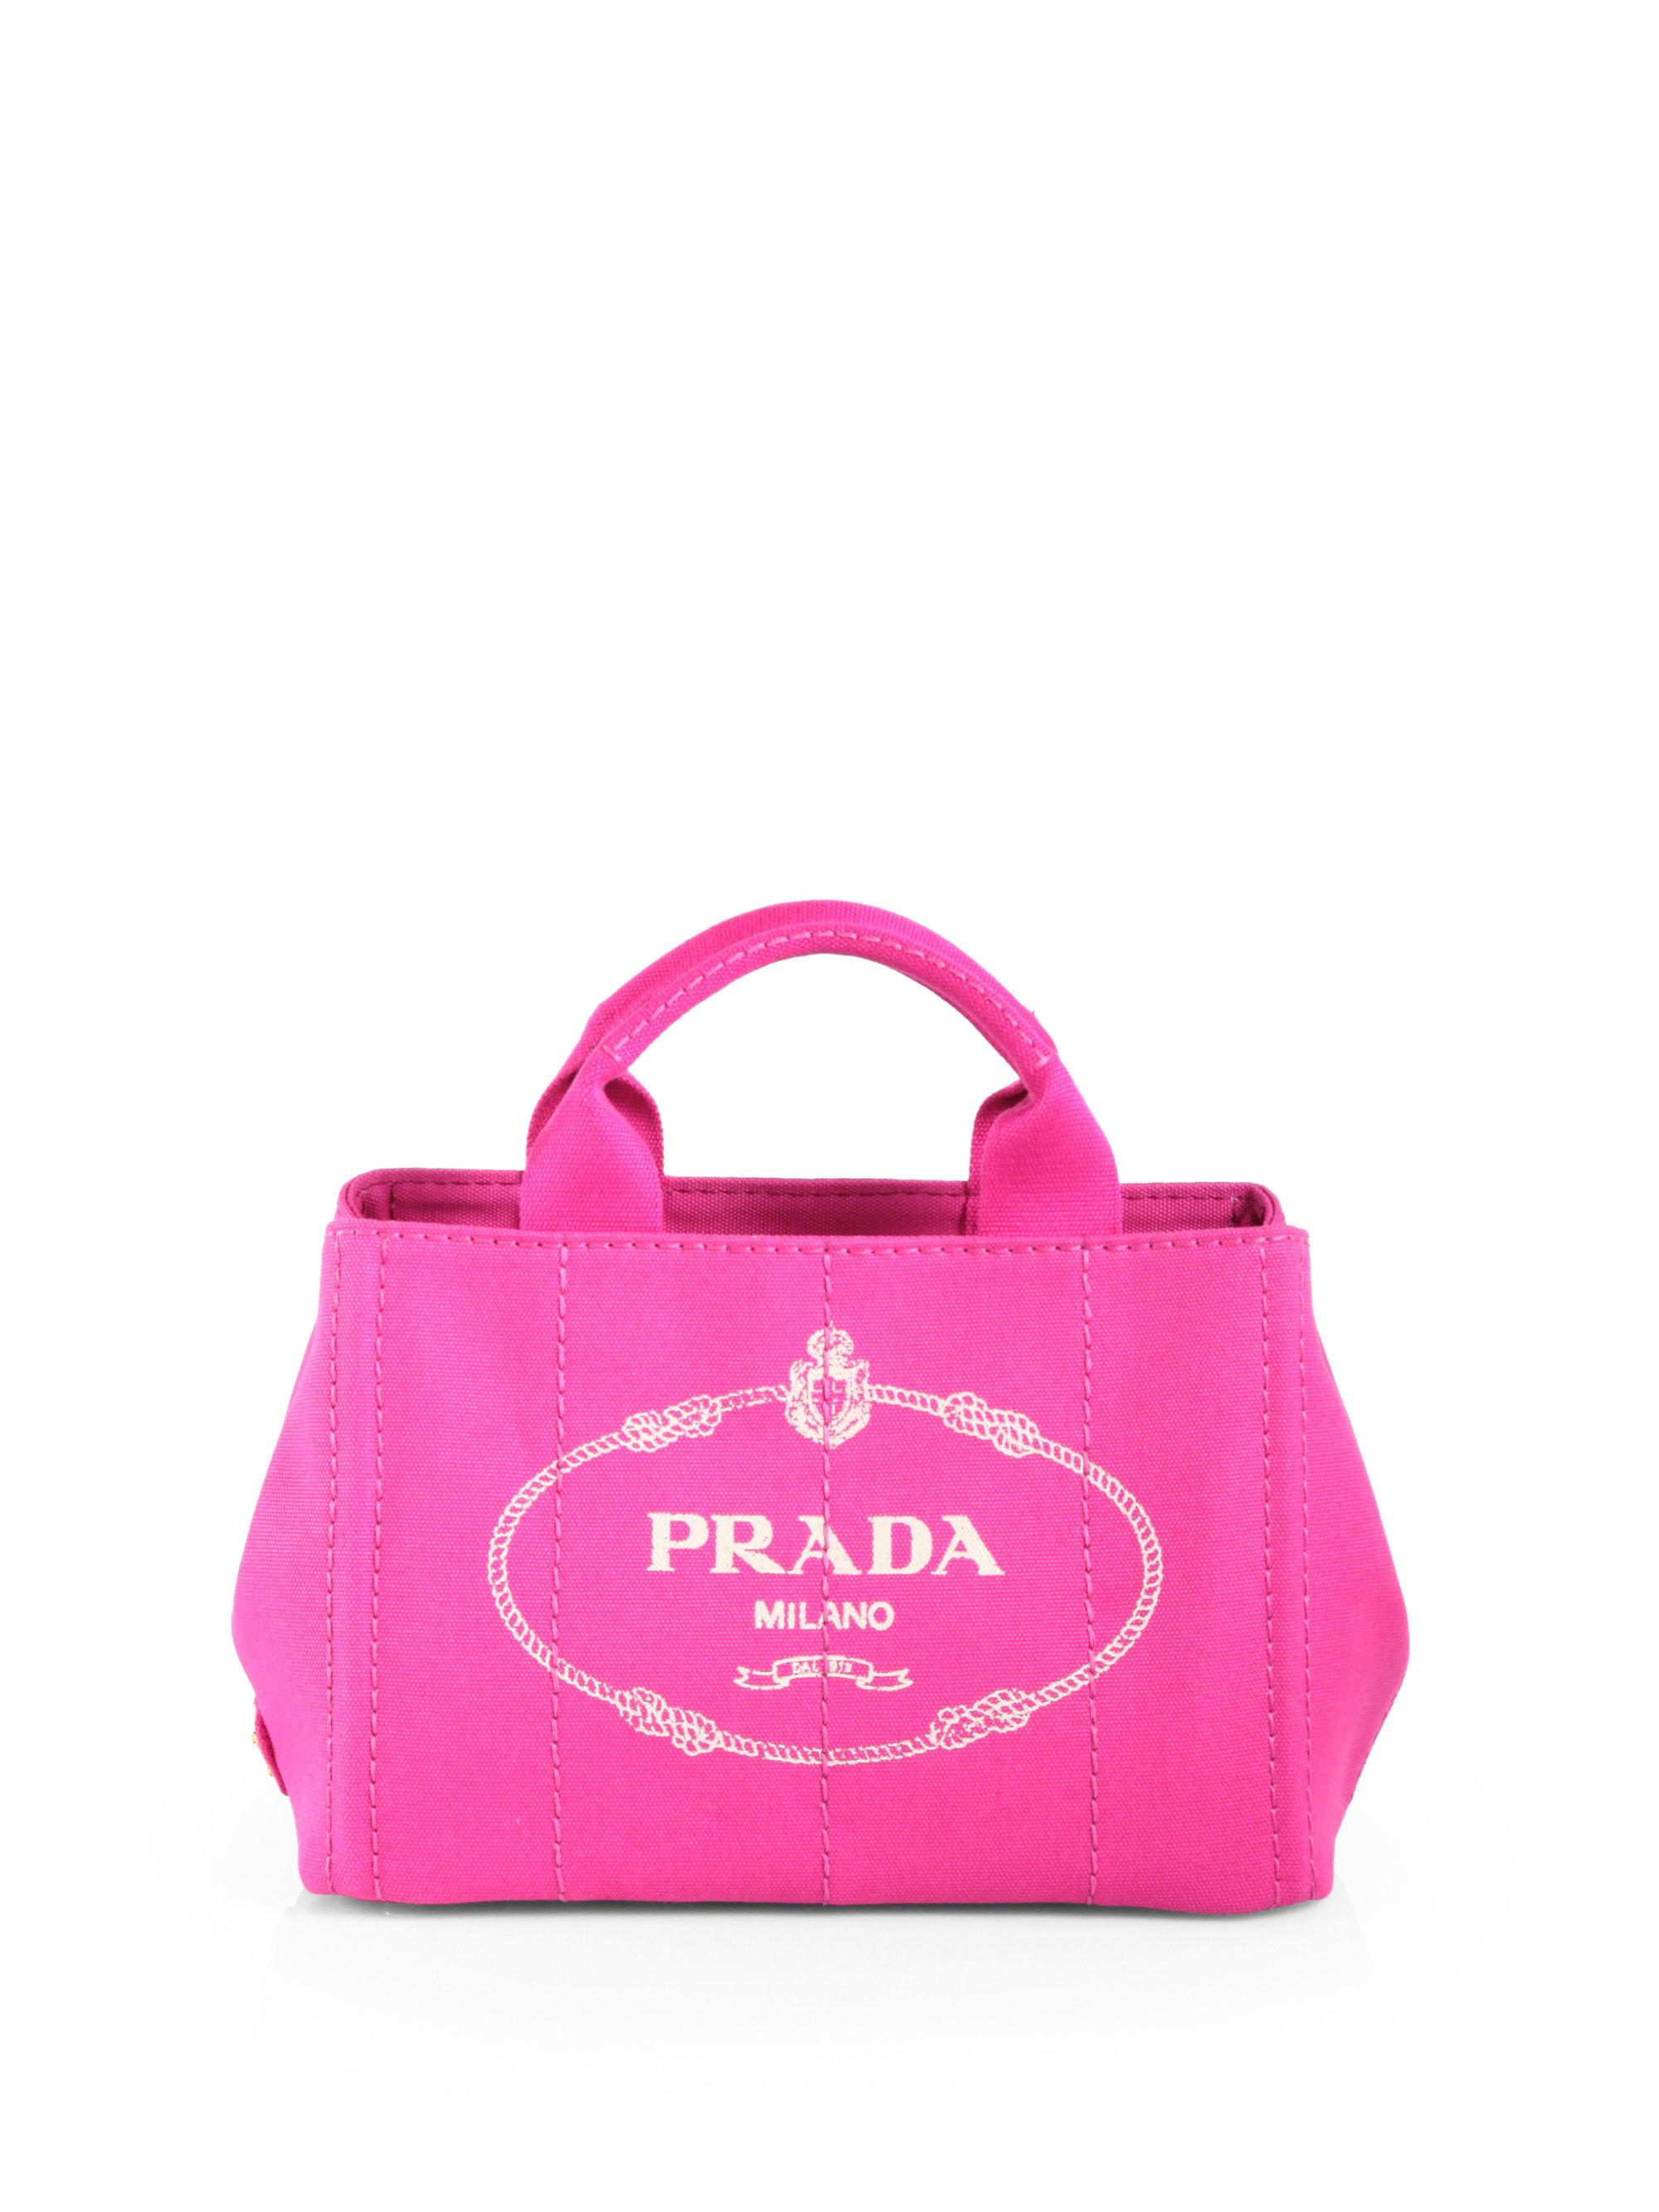 c272d8d53b7da2 Prada Logo Printed Small Canvas Tote in Pink - Lyst